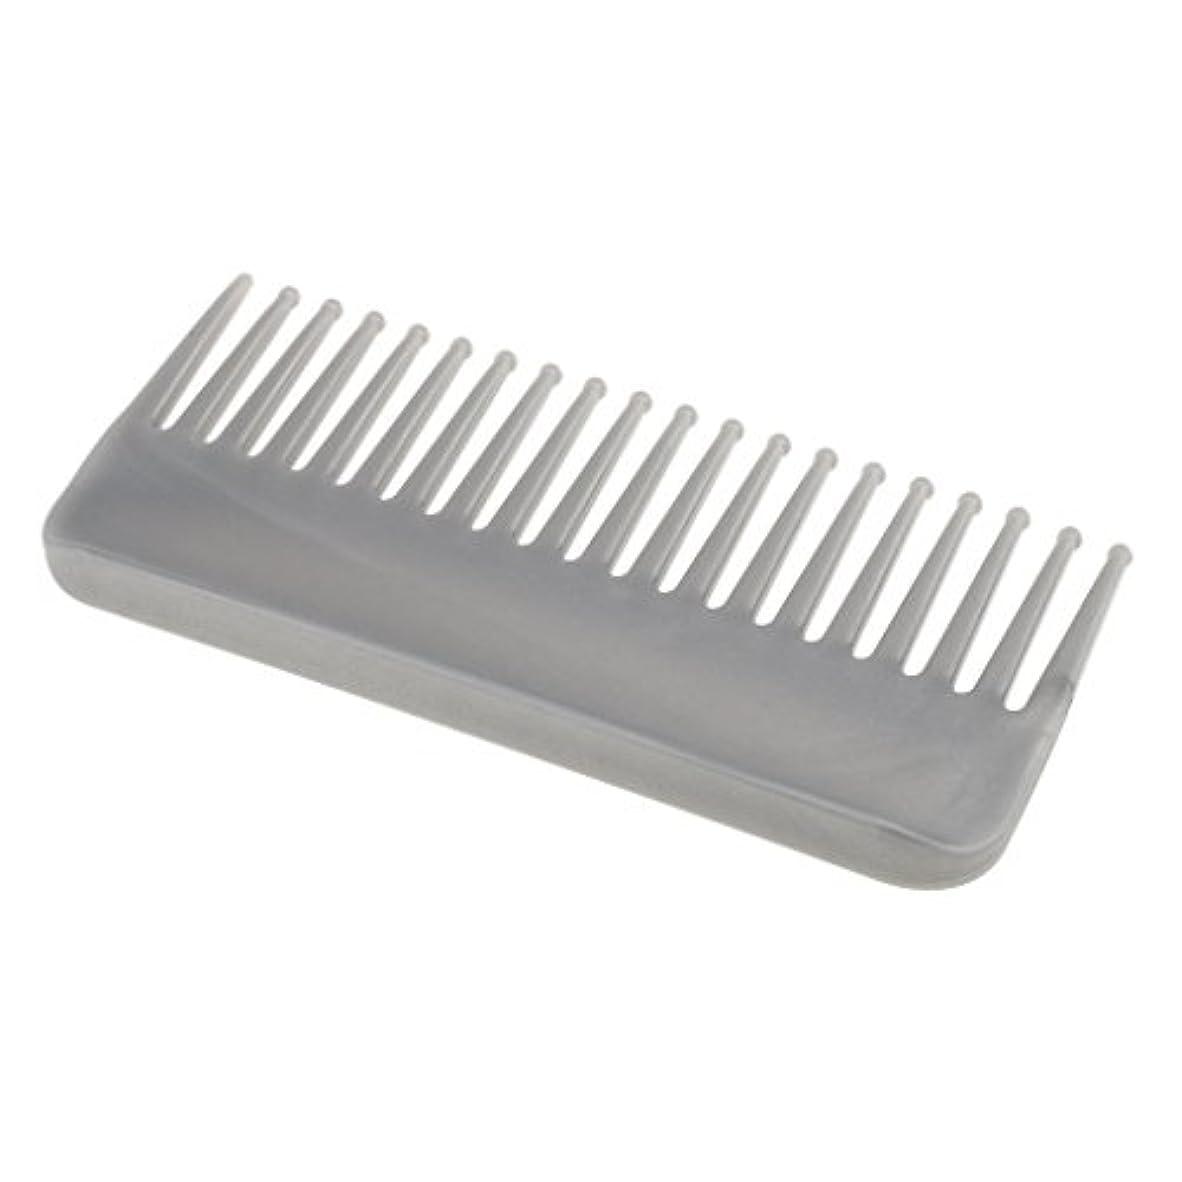 稚魚コードレス項目プラスチック製の絡みのない広い歯のヘアブラシサロンヘアケアマッサージツール